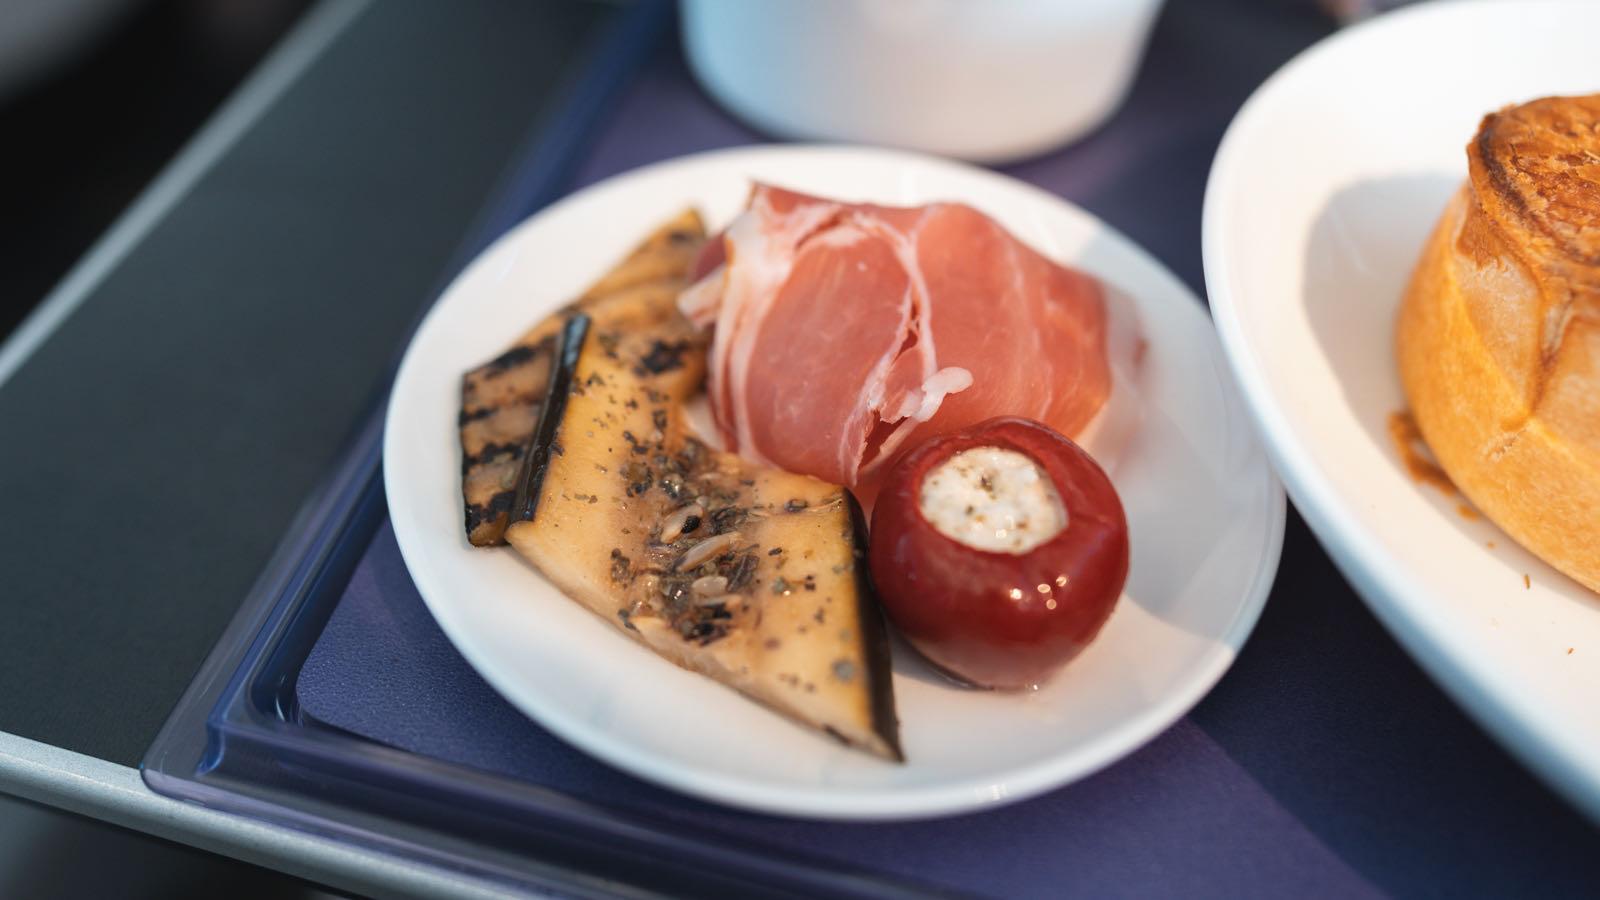 Virgin Australia 737 Business Class Food